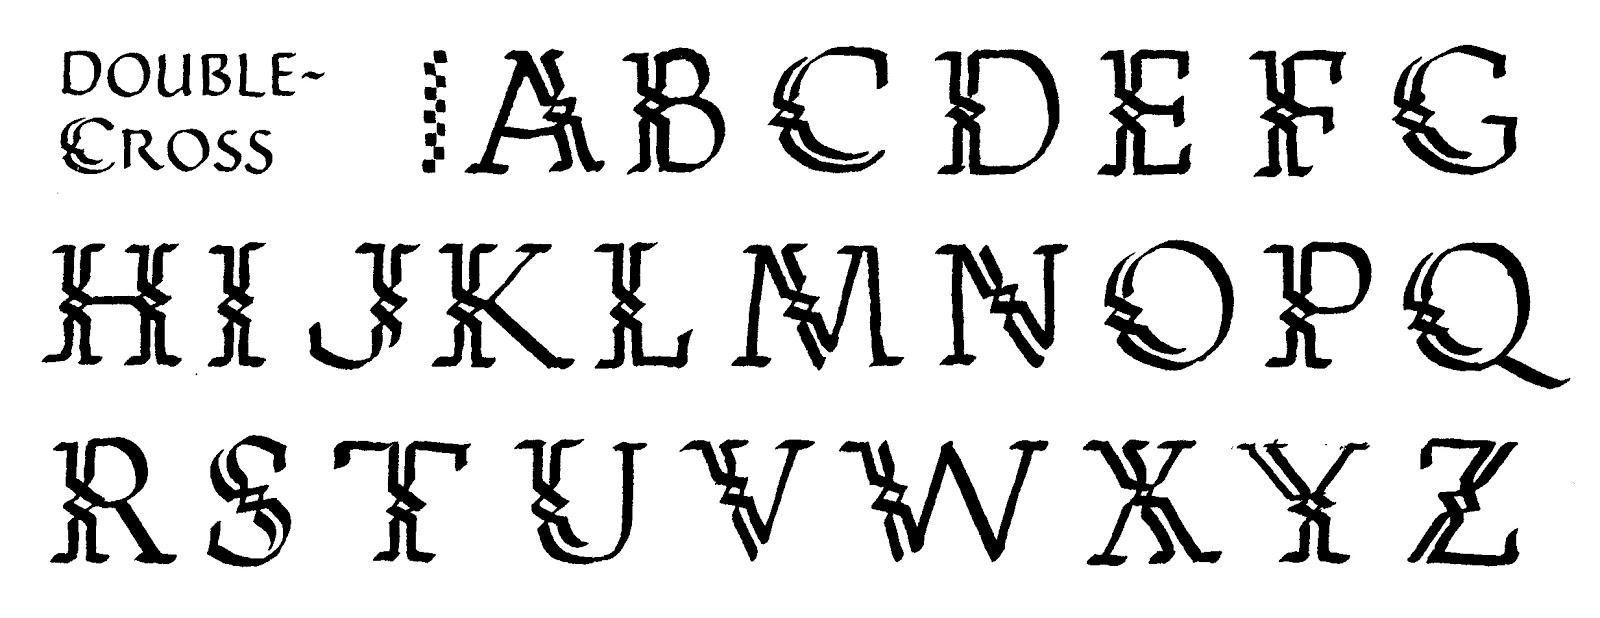 Celtic Calligraphy Alphabet | www.imgkid.com - The Image